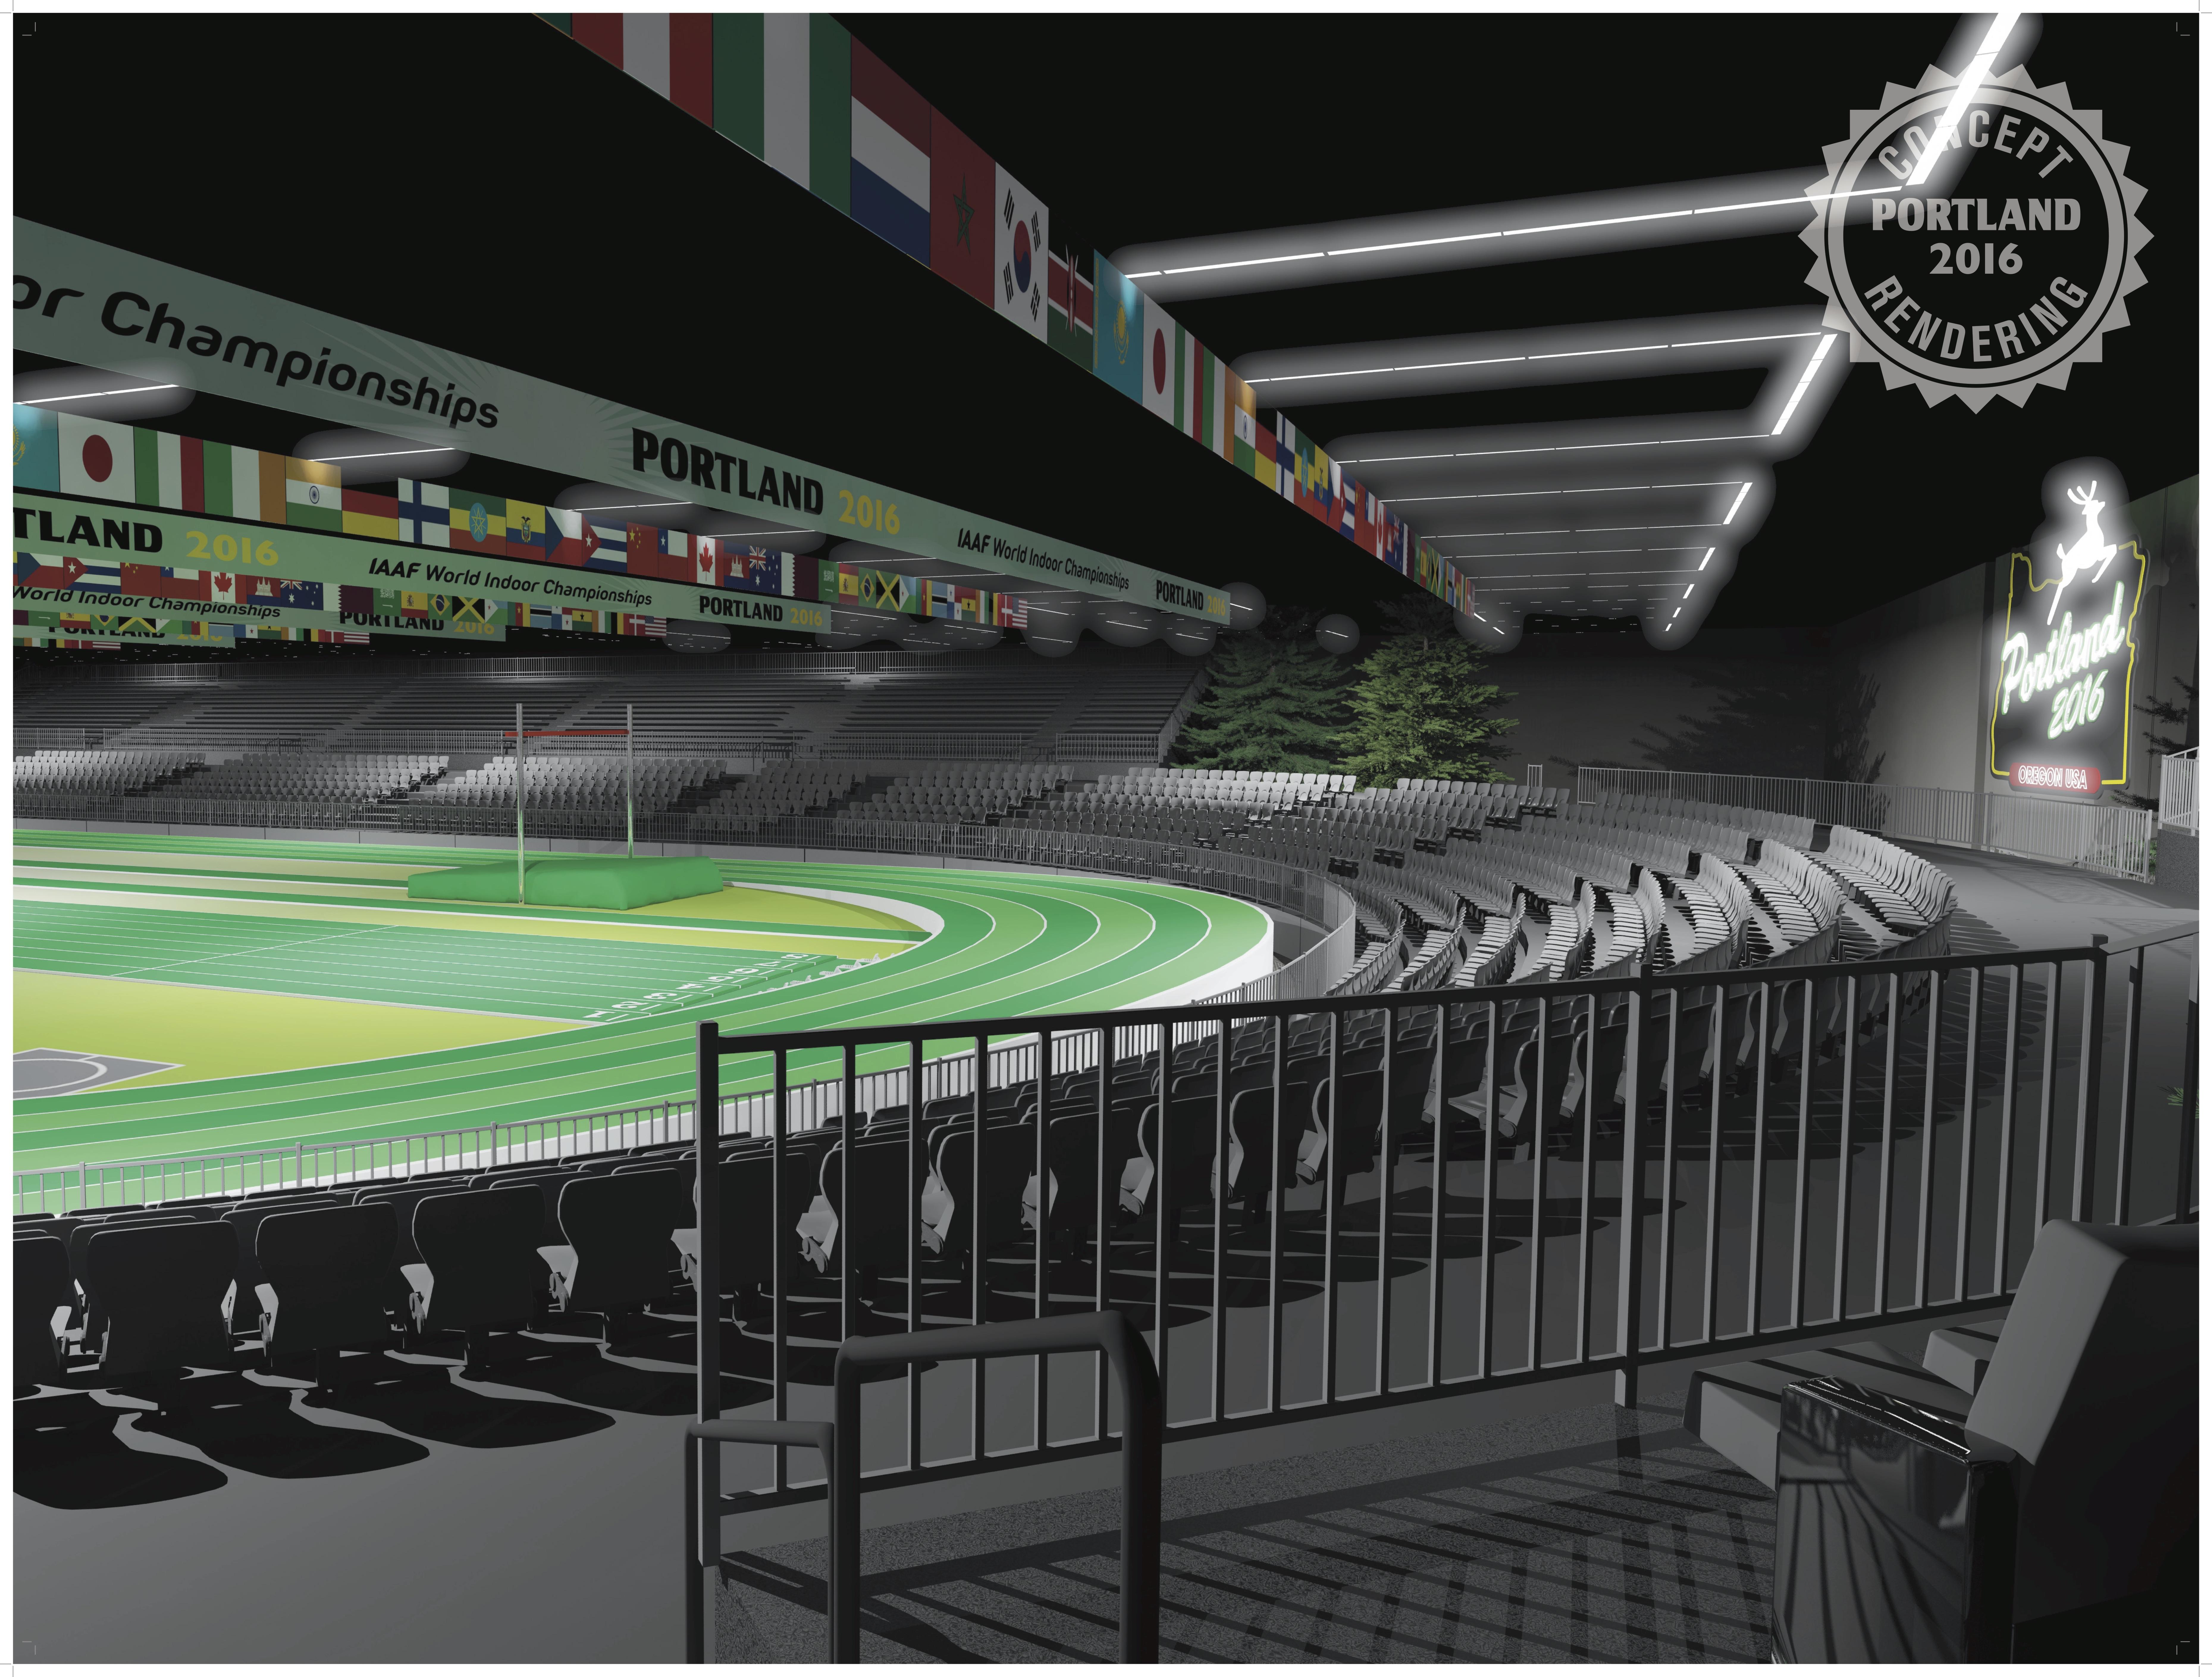 IAAF World Indoor Championships.